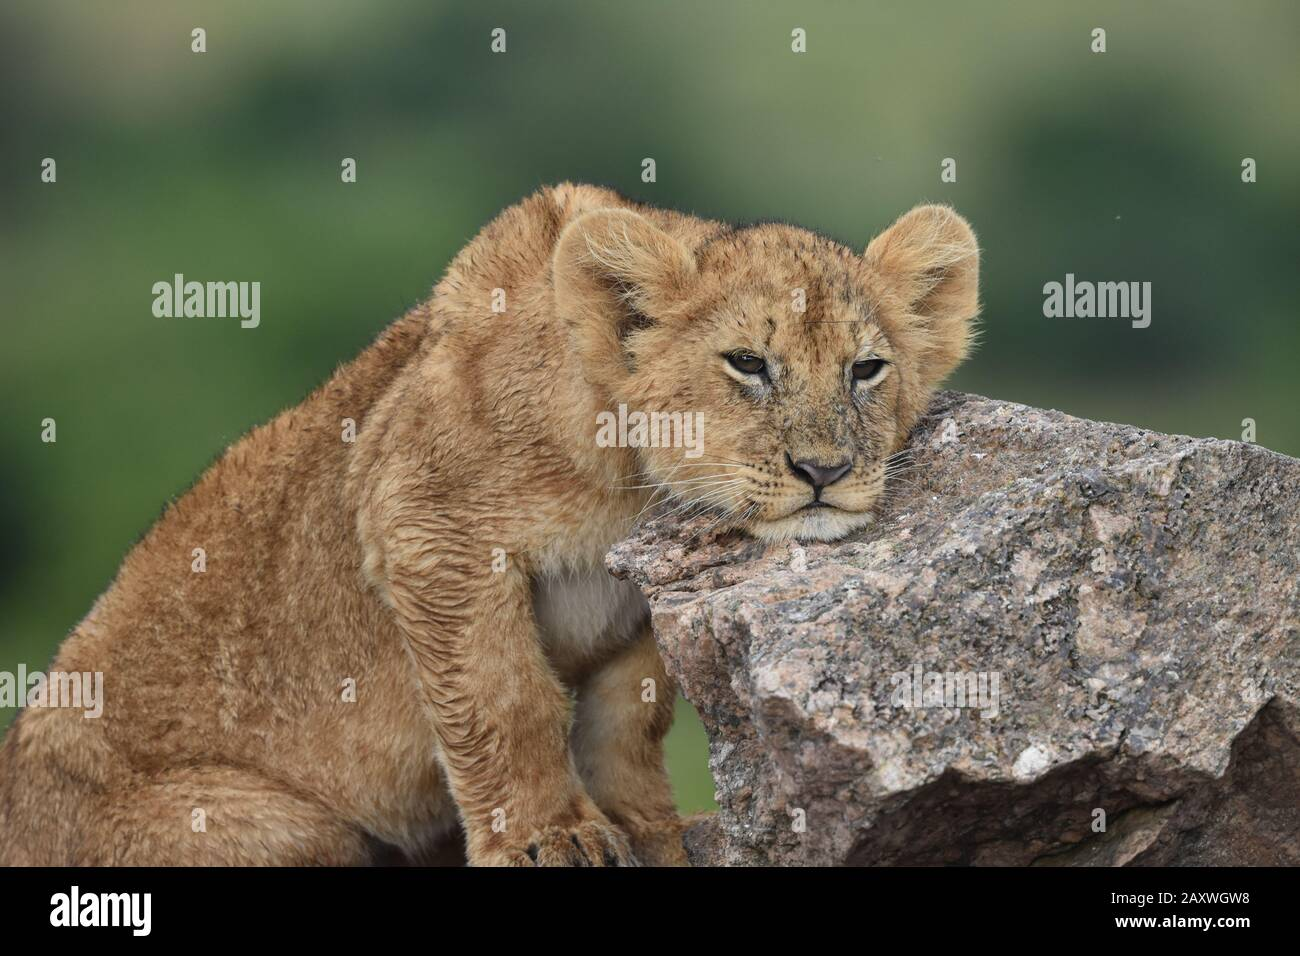 Il Lion Cub poggiava la testa sulle rocce. Parco Nazionale Masai Mara, Kenya. Foto Stock